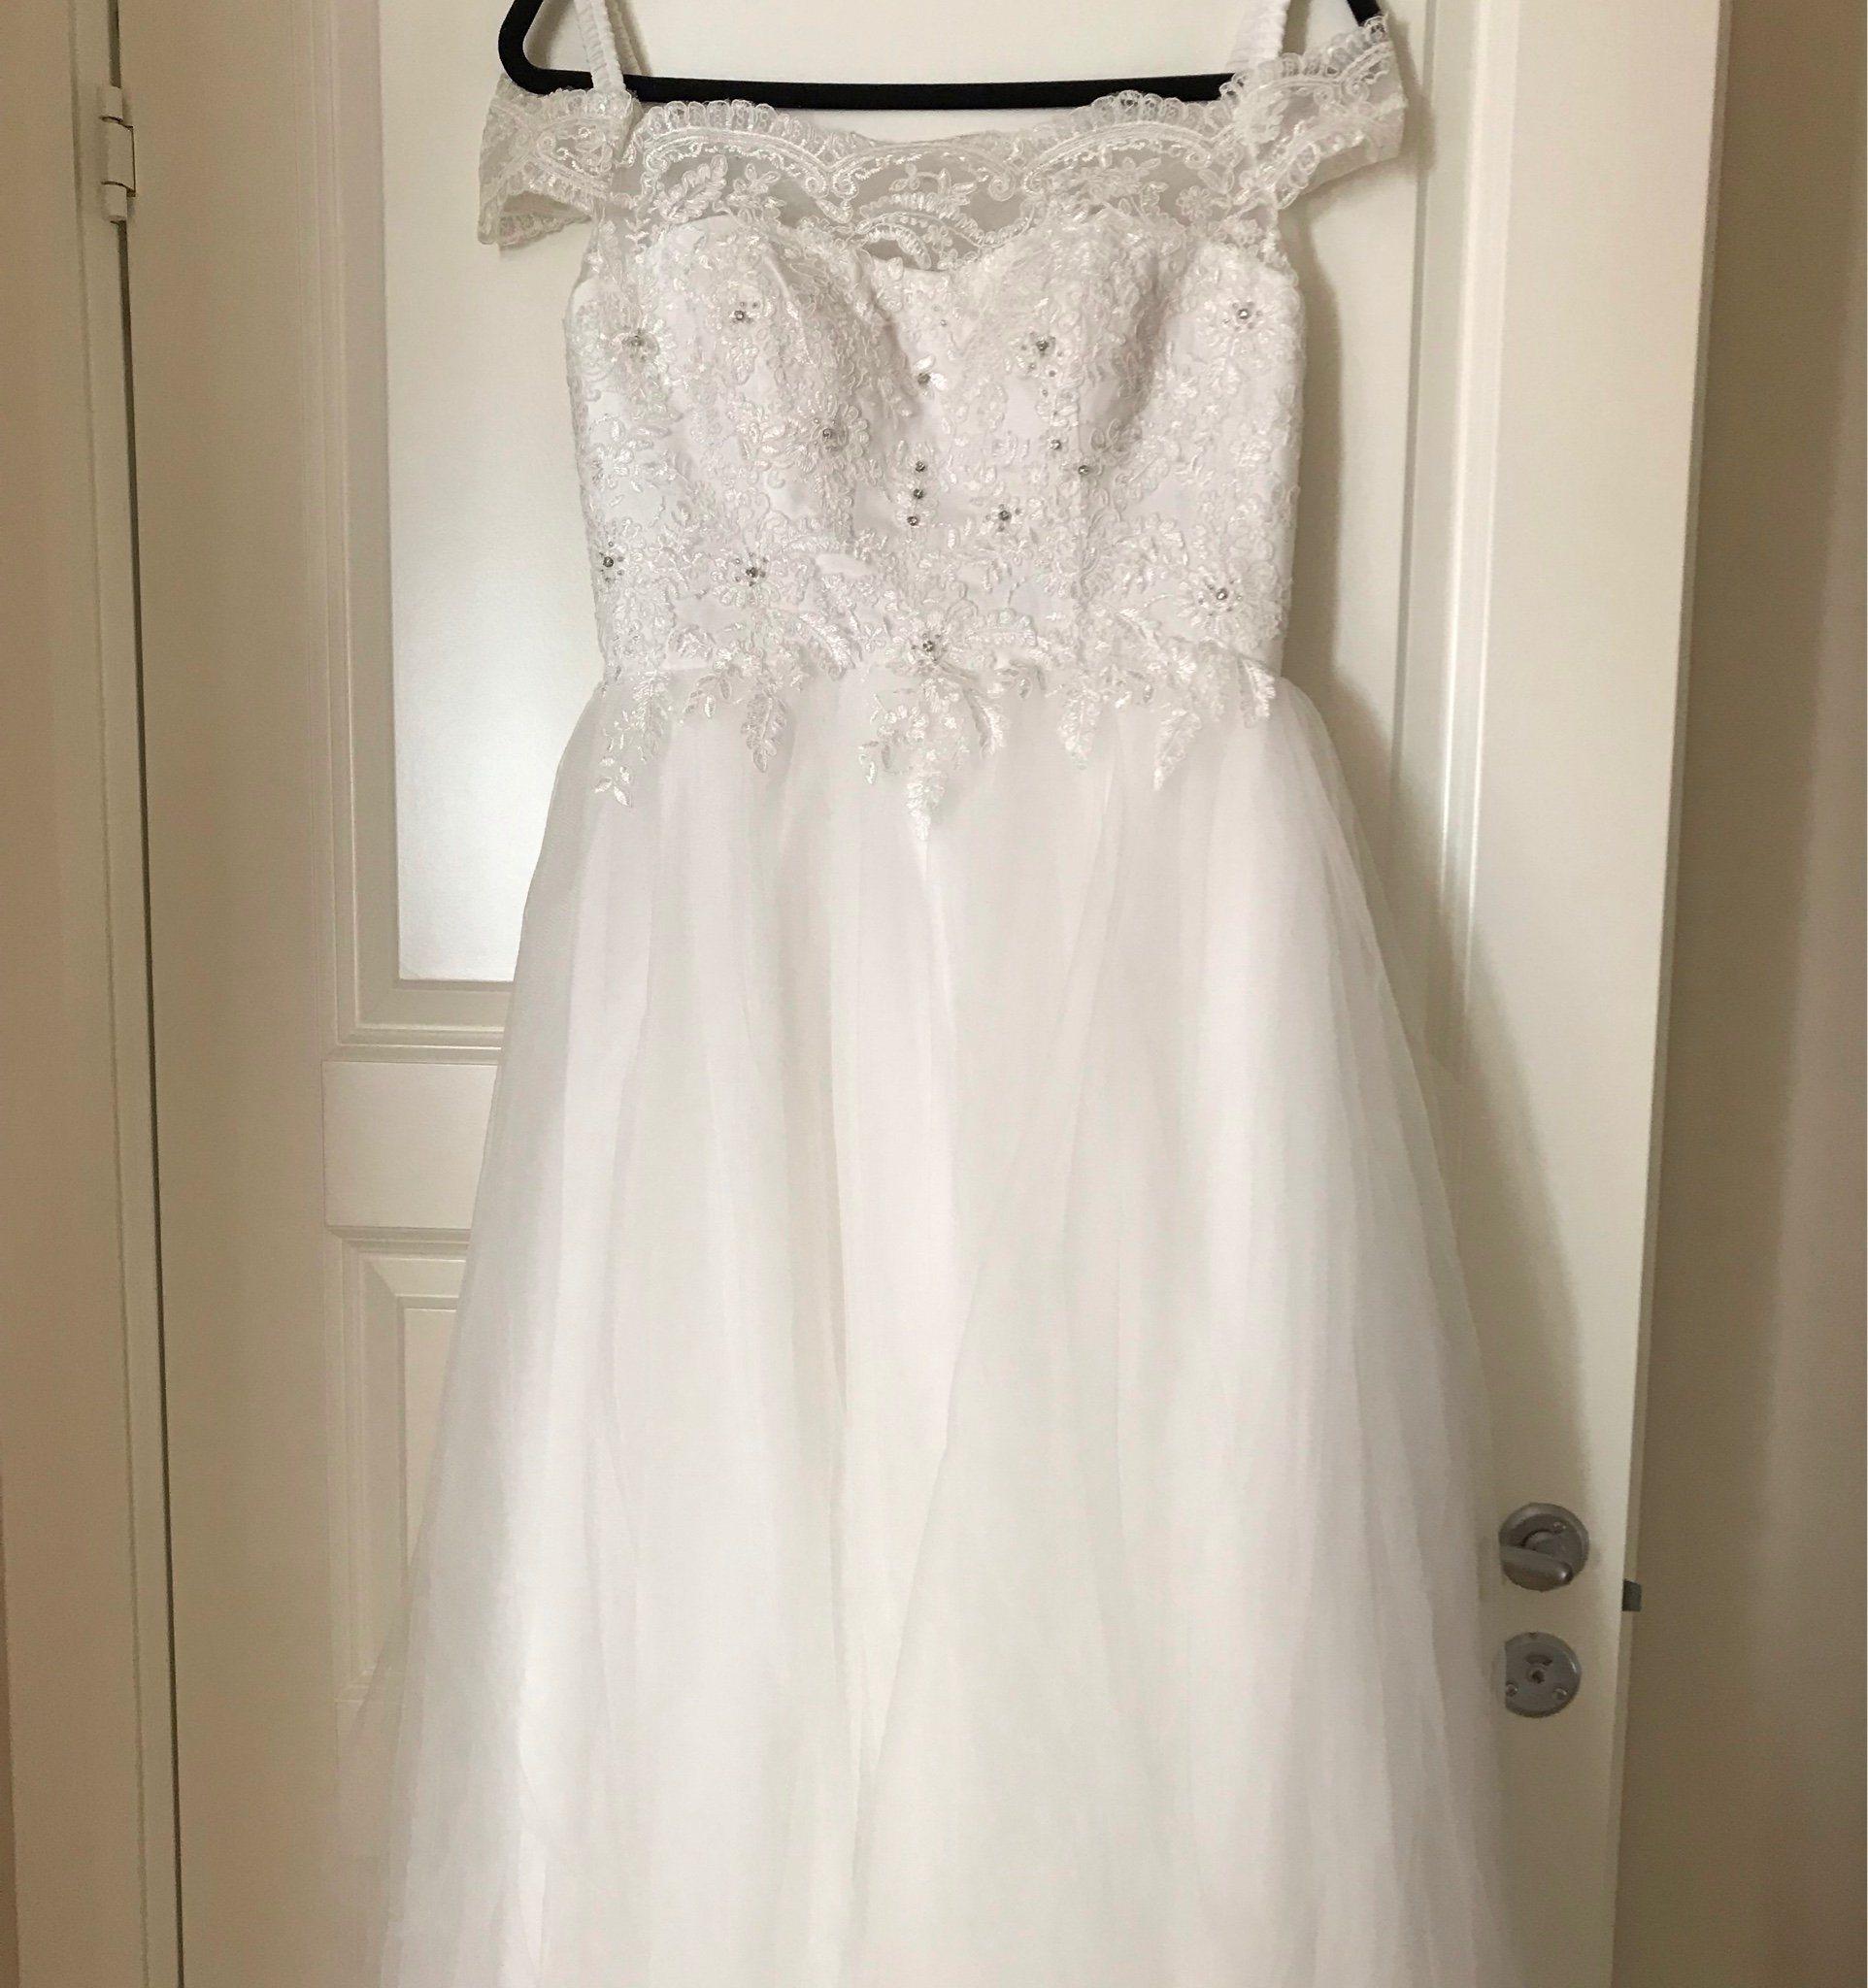 44c6b2db8515 Ny oanvänd brudklänning (345031193) ᐈ Köp på Tradera